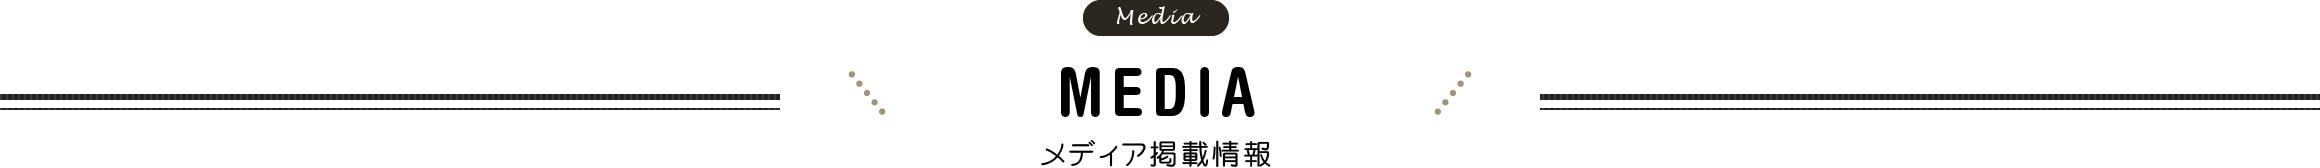 MEDIA メディア掲載情報